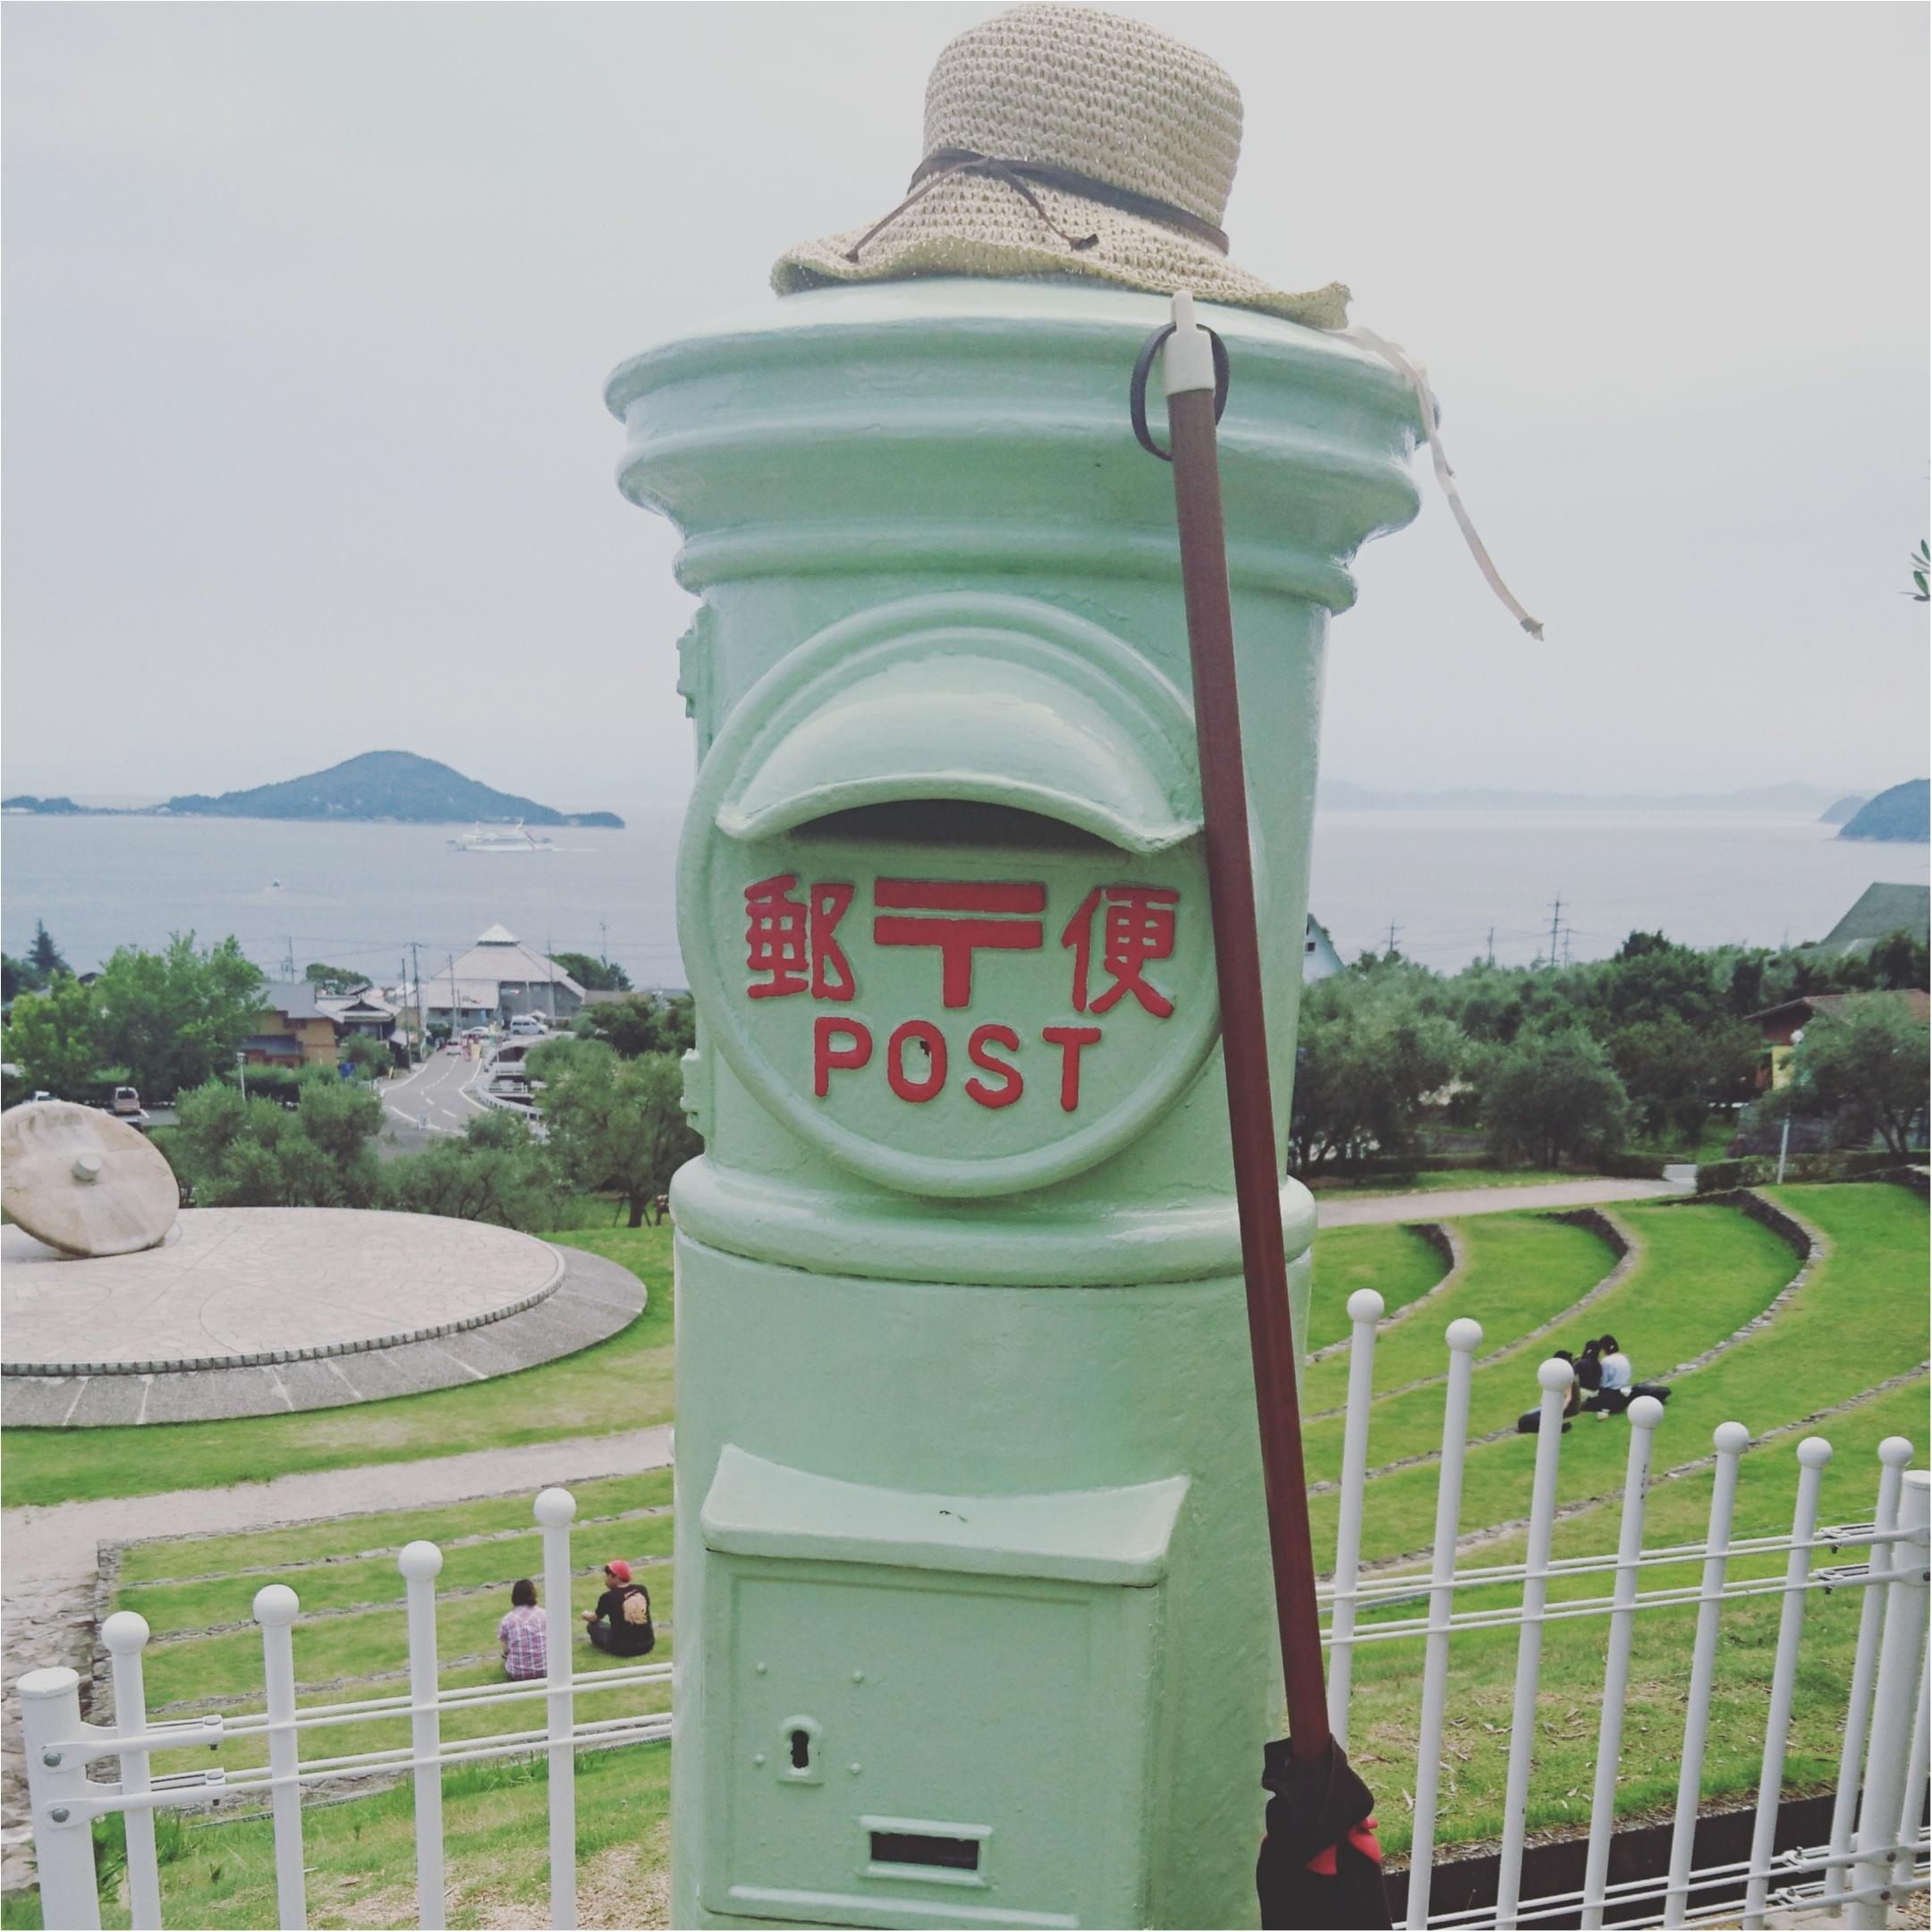 フォトスポットがいっぱい♡夏のお出かけに【小豆島】はいかが?_3